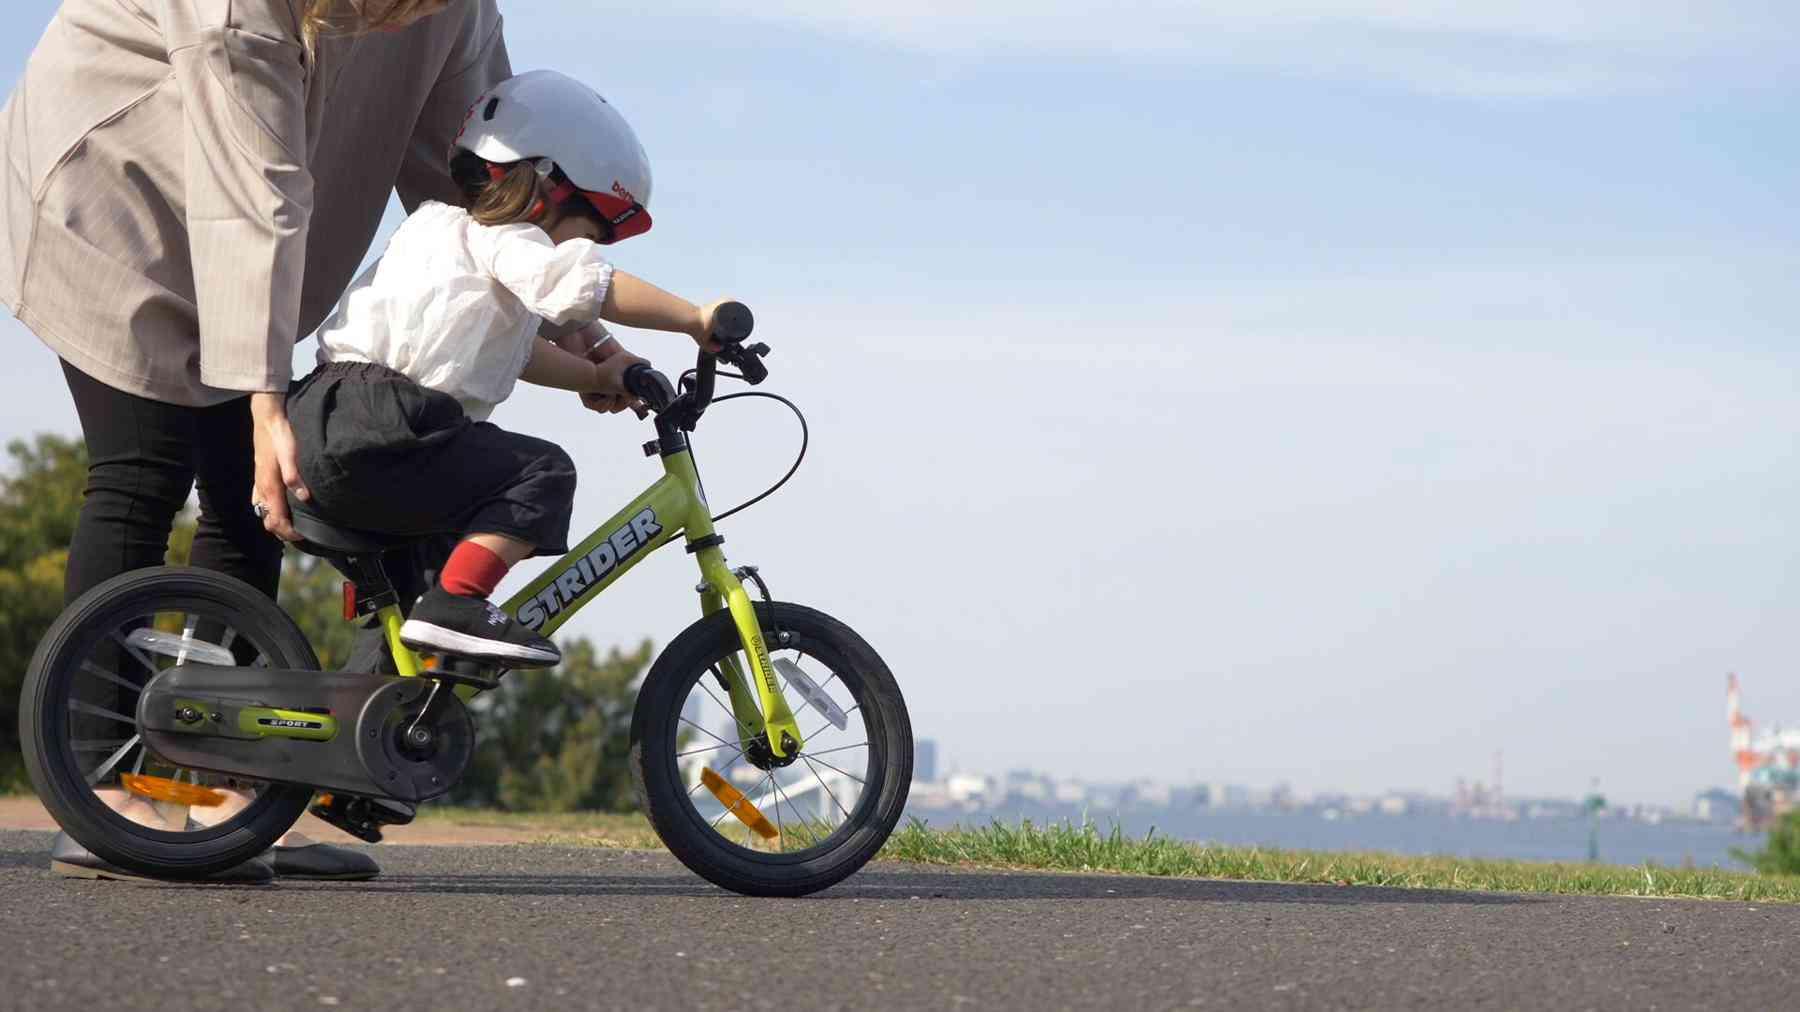 練習時間1時間で補助輪なし自転車デビュー!3歳6ヶ月でストライダー14xに乗れた体験記